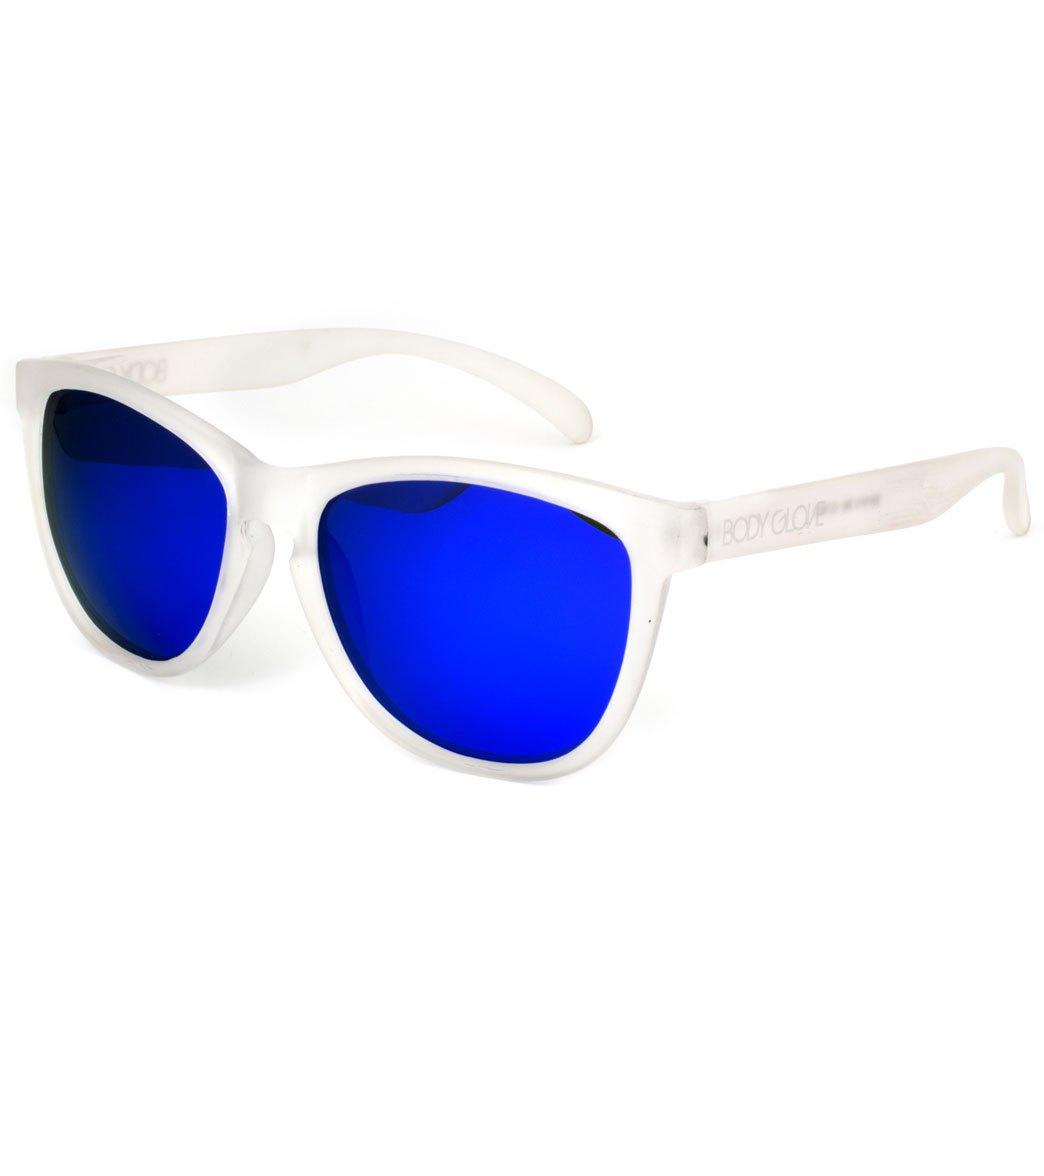 a63f261b340 Body Glove BG 10 RV Sunglasses at SwimOutlet.com